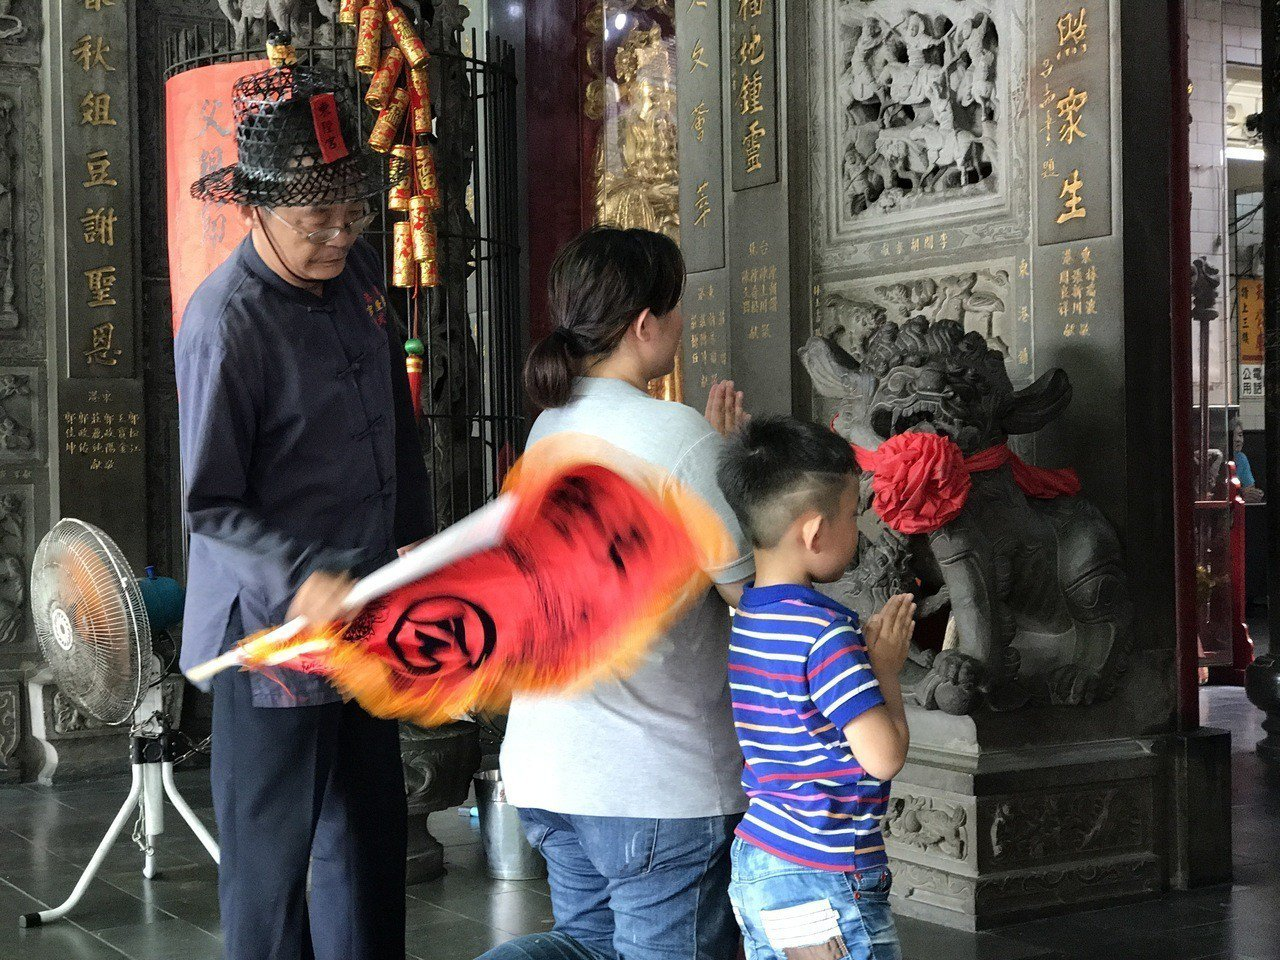 男女老少跪在神壇前接受一般的「小改」。記者蔣繼平/攝影